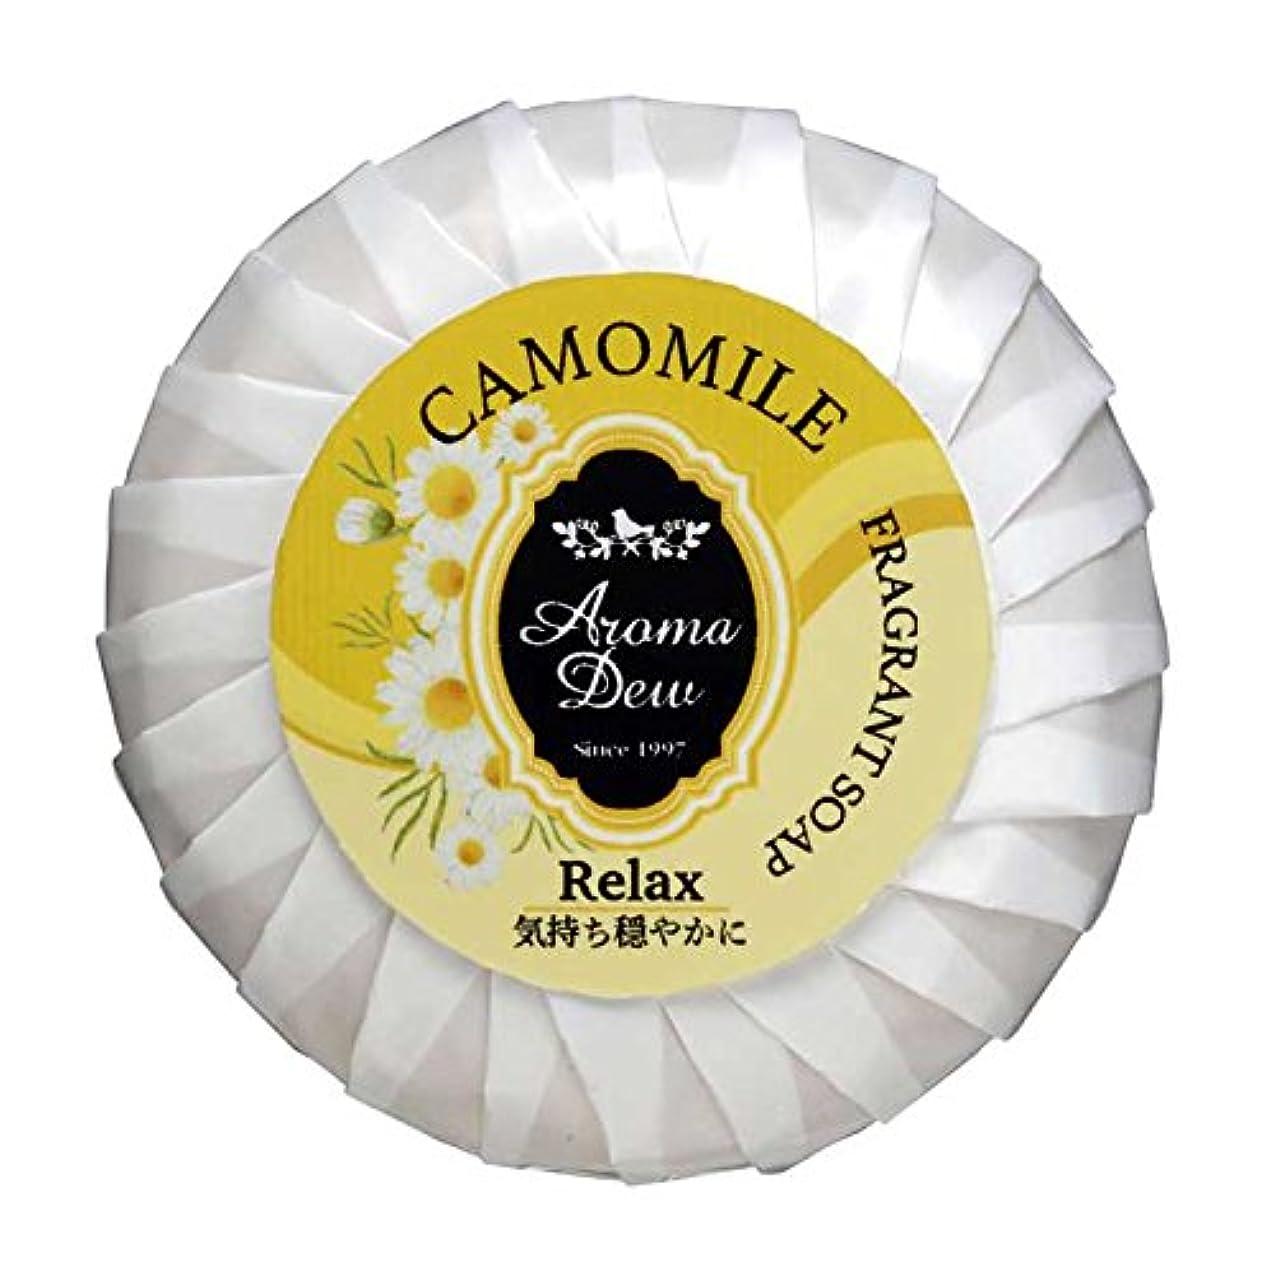 クモ利用可能数字アロマデュウ フレグラントソープ カモミールの香り 100g